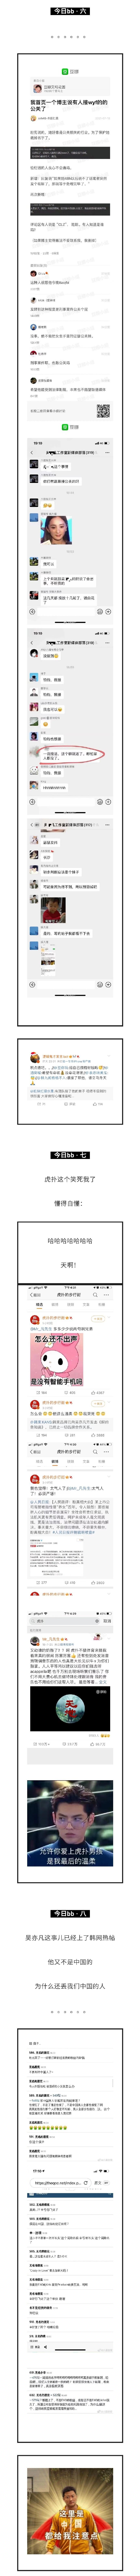 别人都在唱跳,吴亦凡宝宝在上吊-sm-『游乐宫』Youlegong.com 第5张